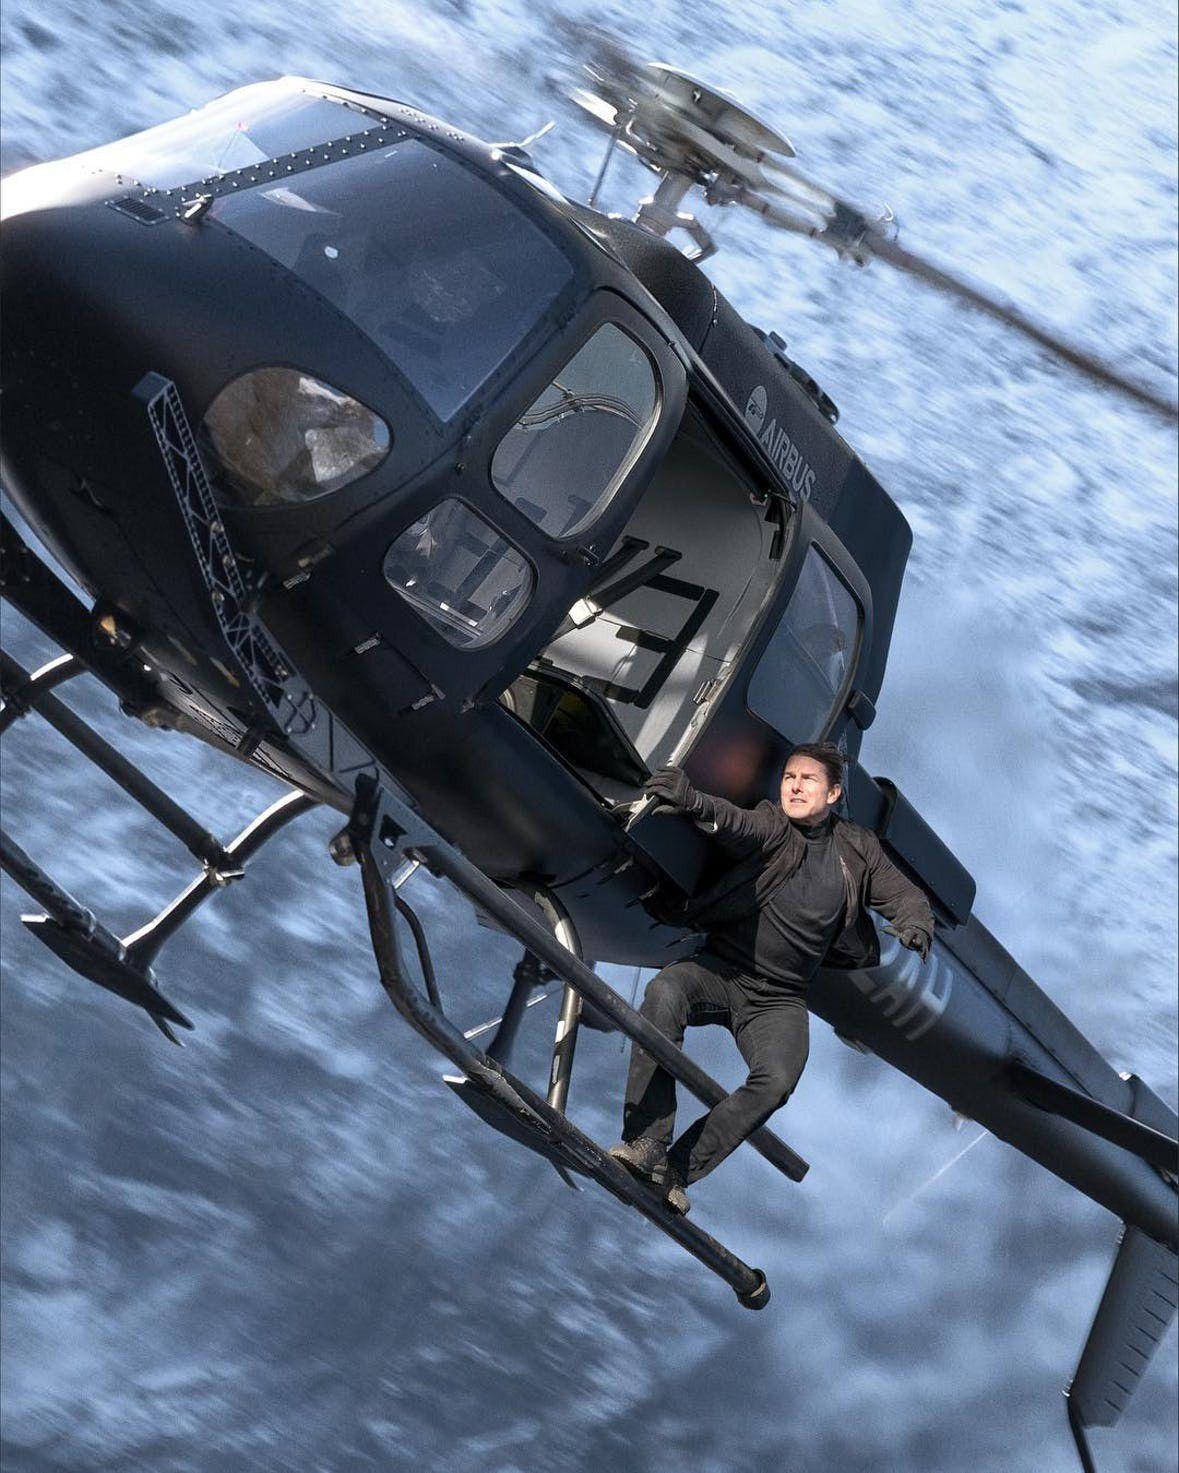 Hết đu máy bay, Tom Cruise lạiđu trực thăng trong Mission: Impossible 6 - Fallout (1)